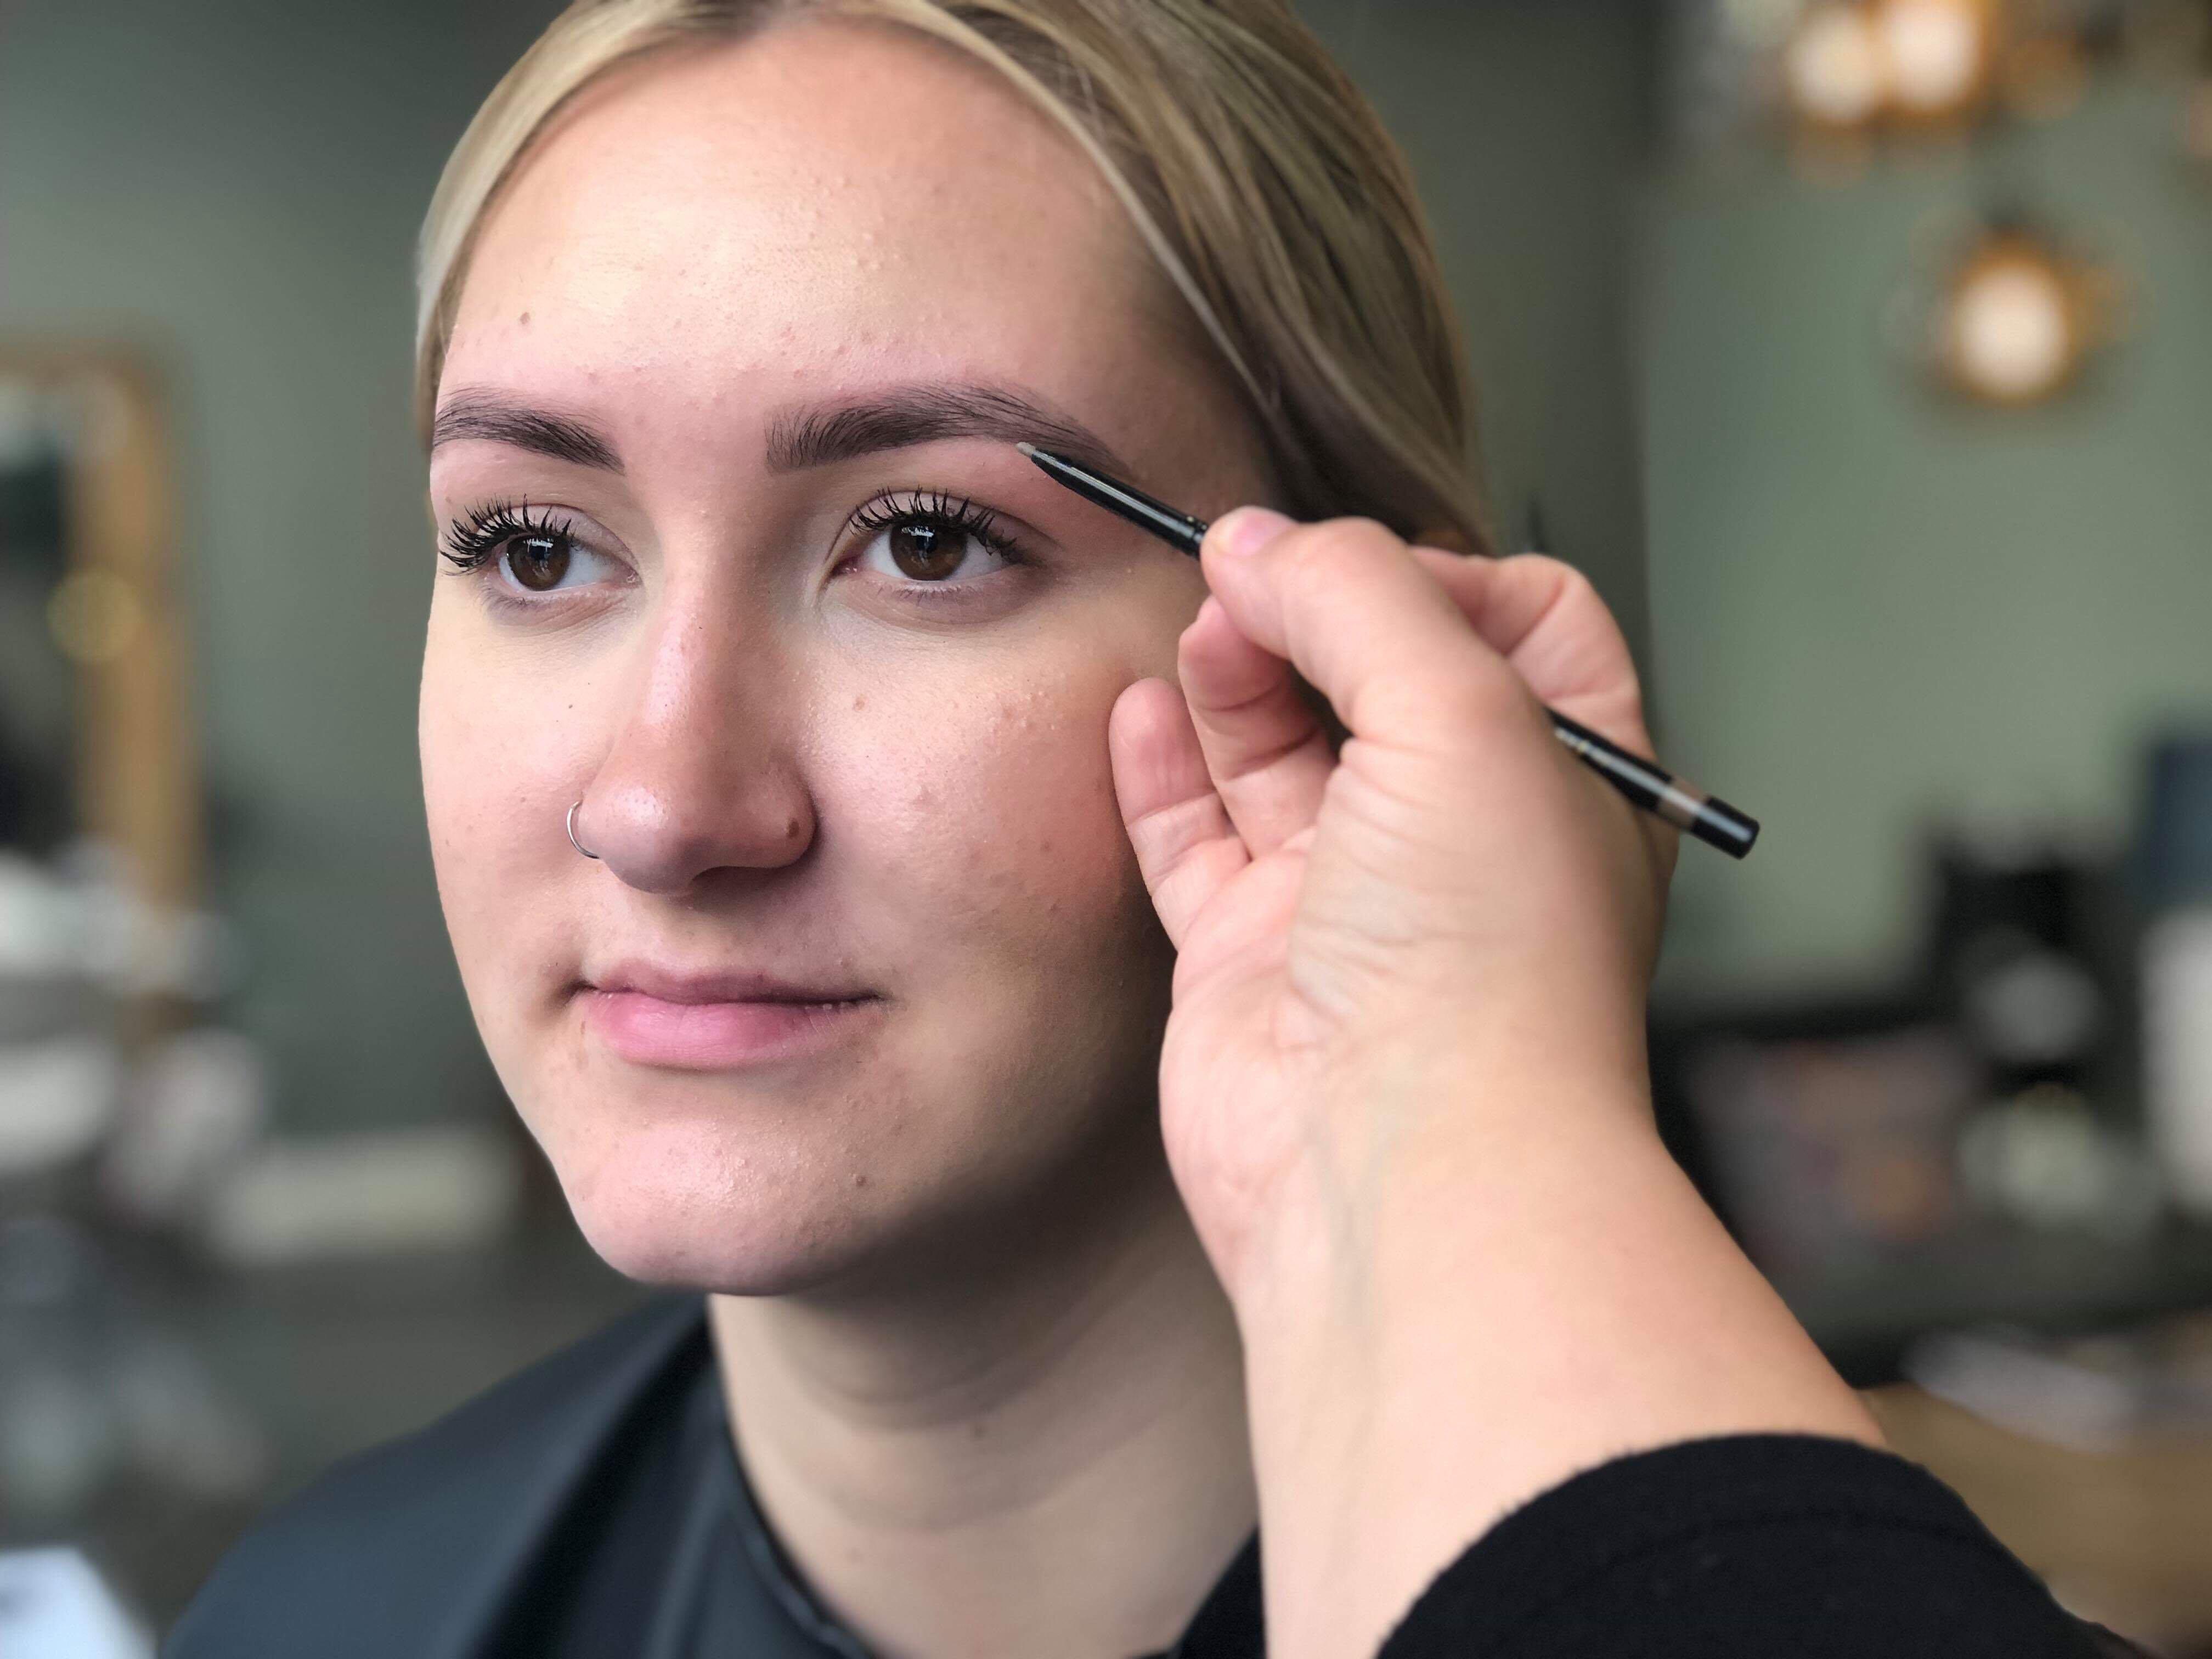 fyller-ut-perfekta-ögonbryn-med-penna-i-underkant